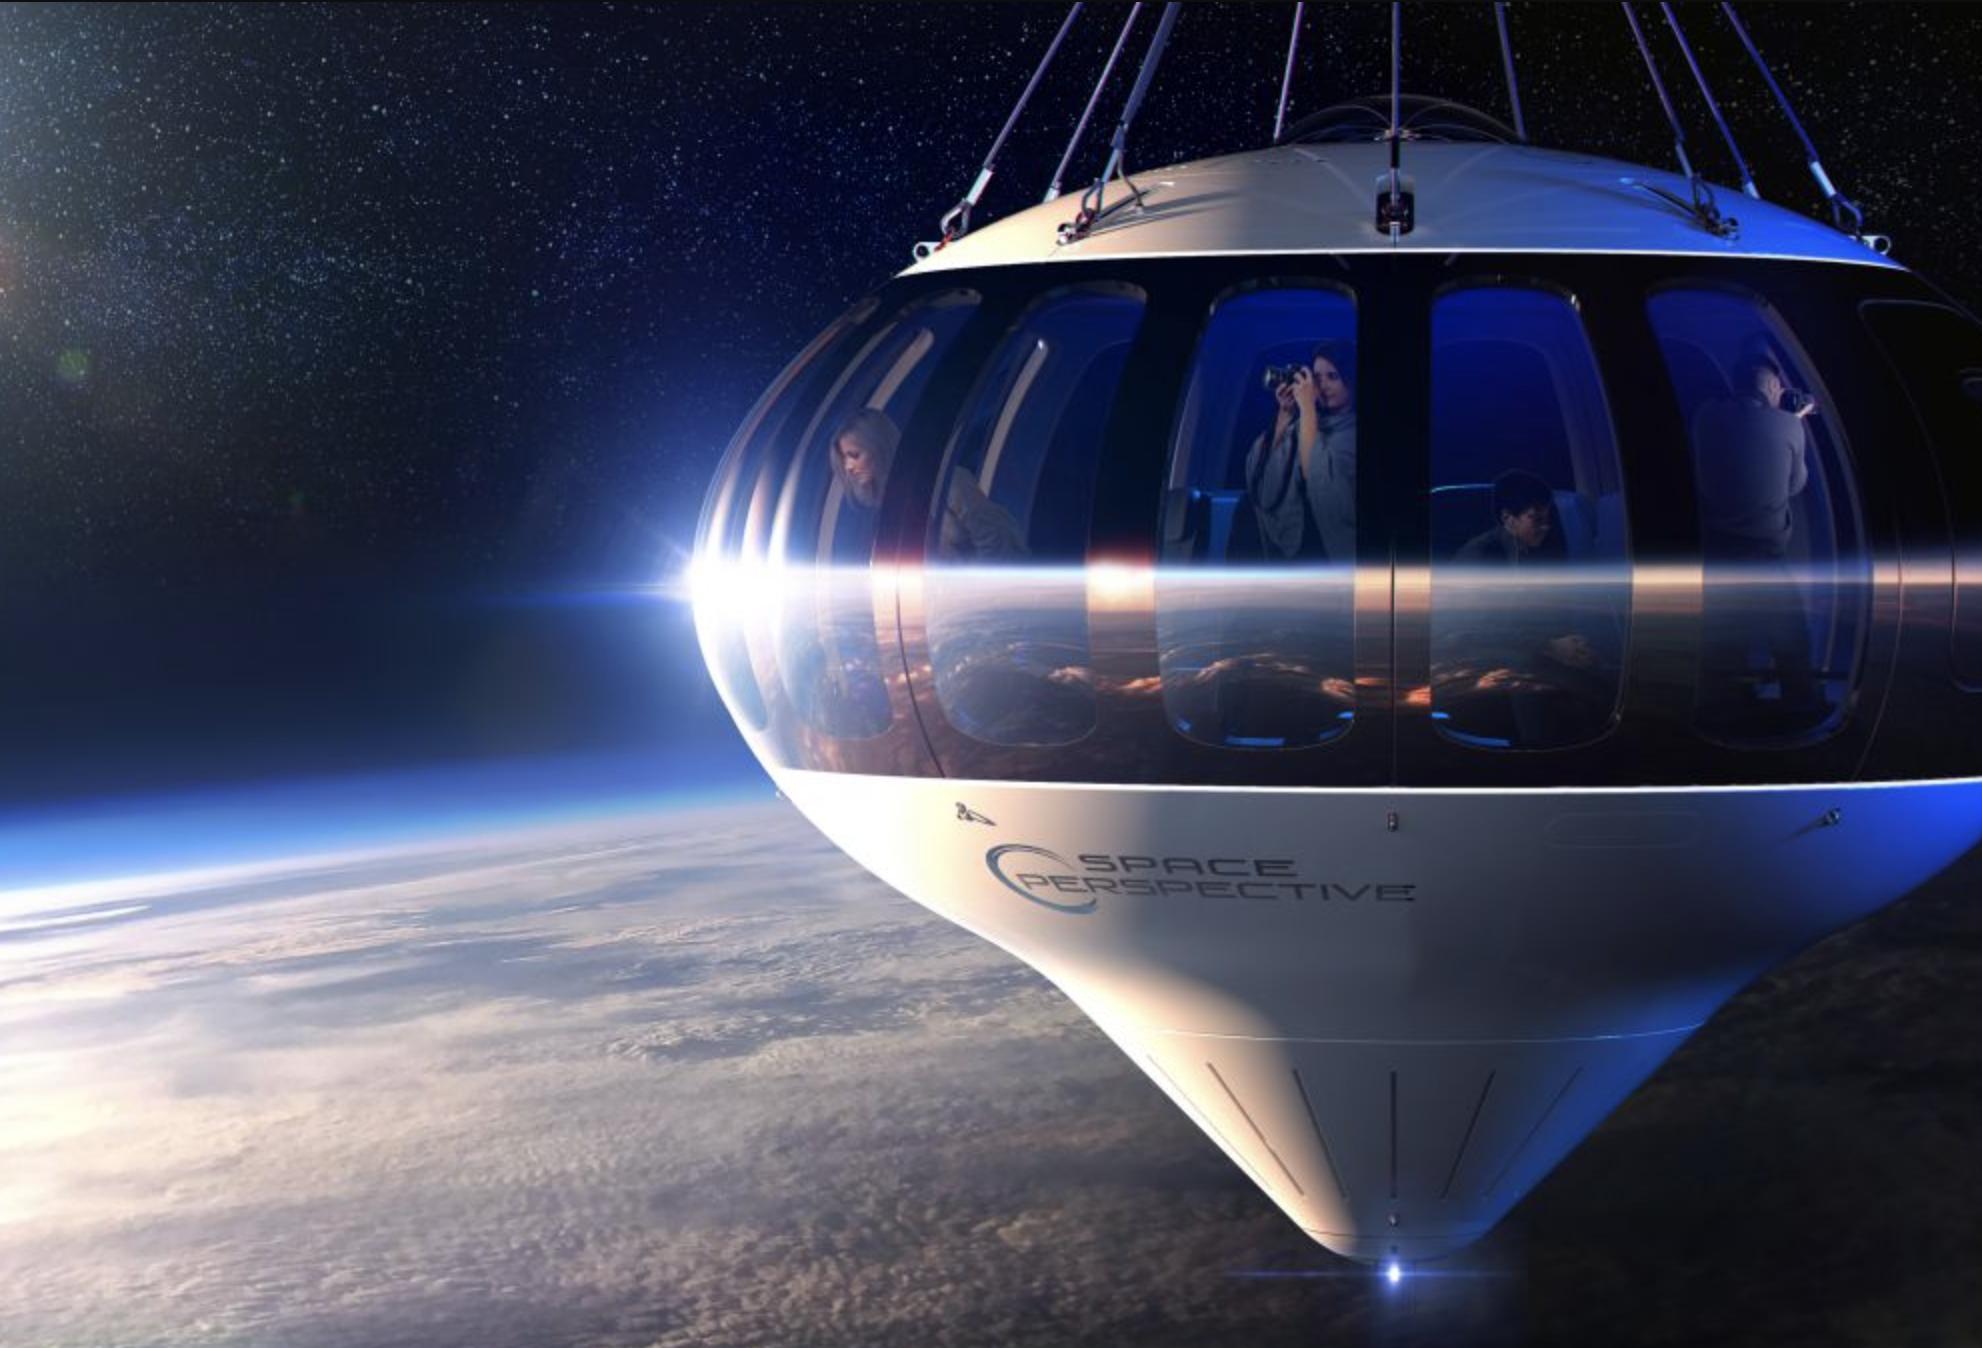 Miembros de un club vacacional exclusivo serán los primeros en viajar a la estratósfera